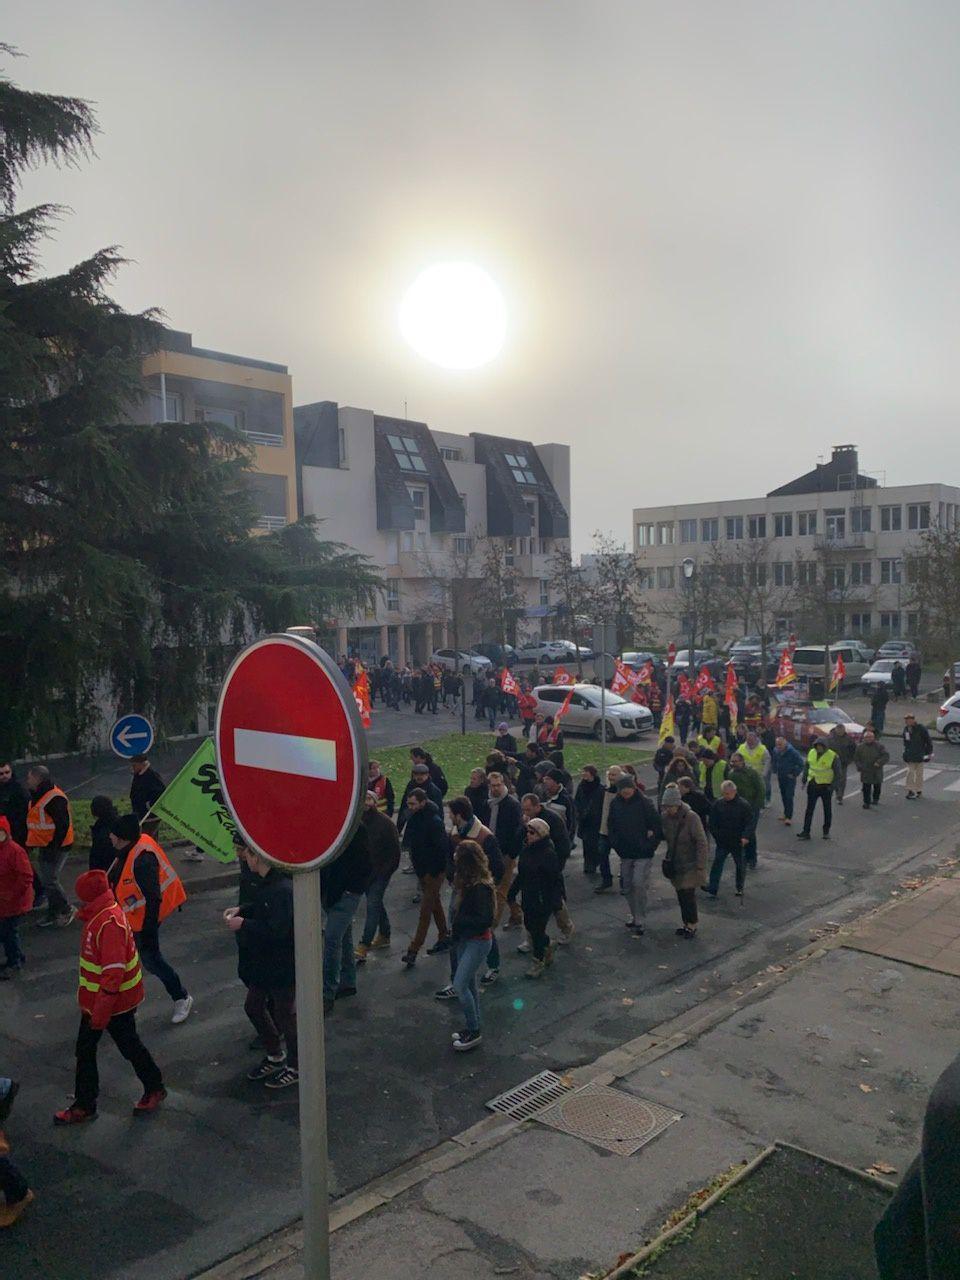 Un millier de personnes dans les rues de Vierzon ce mardi matin